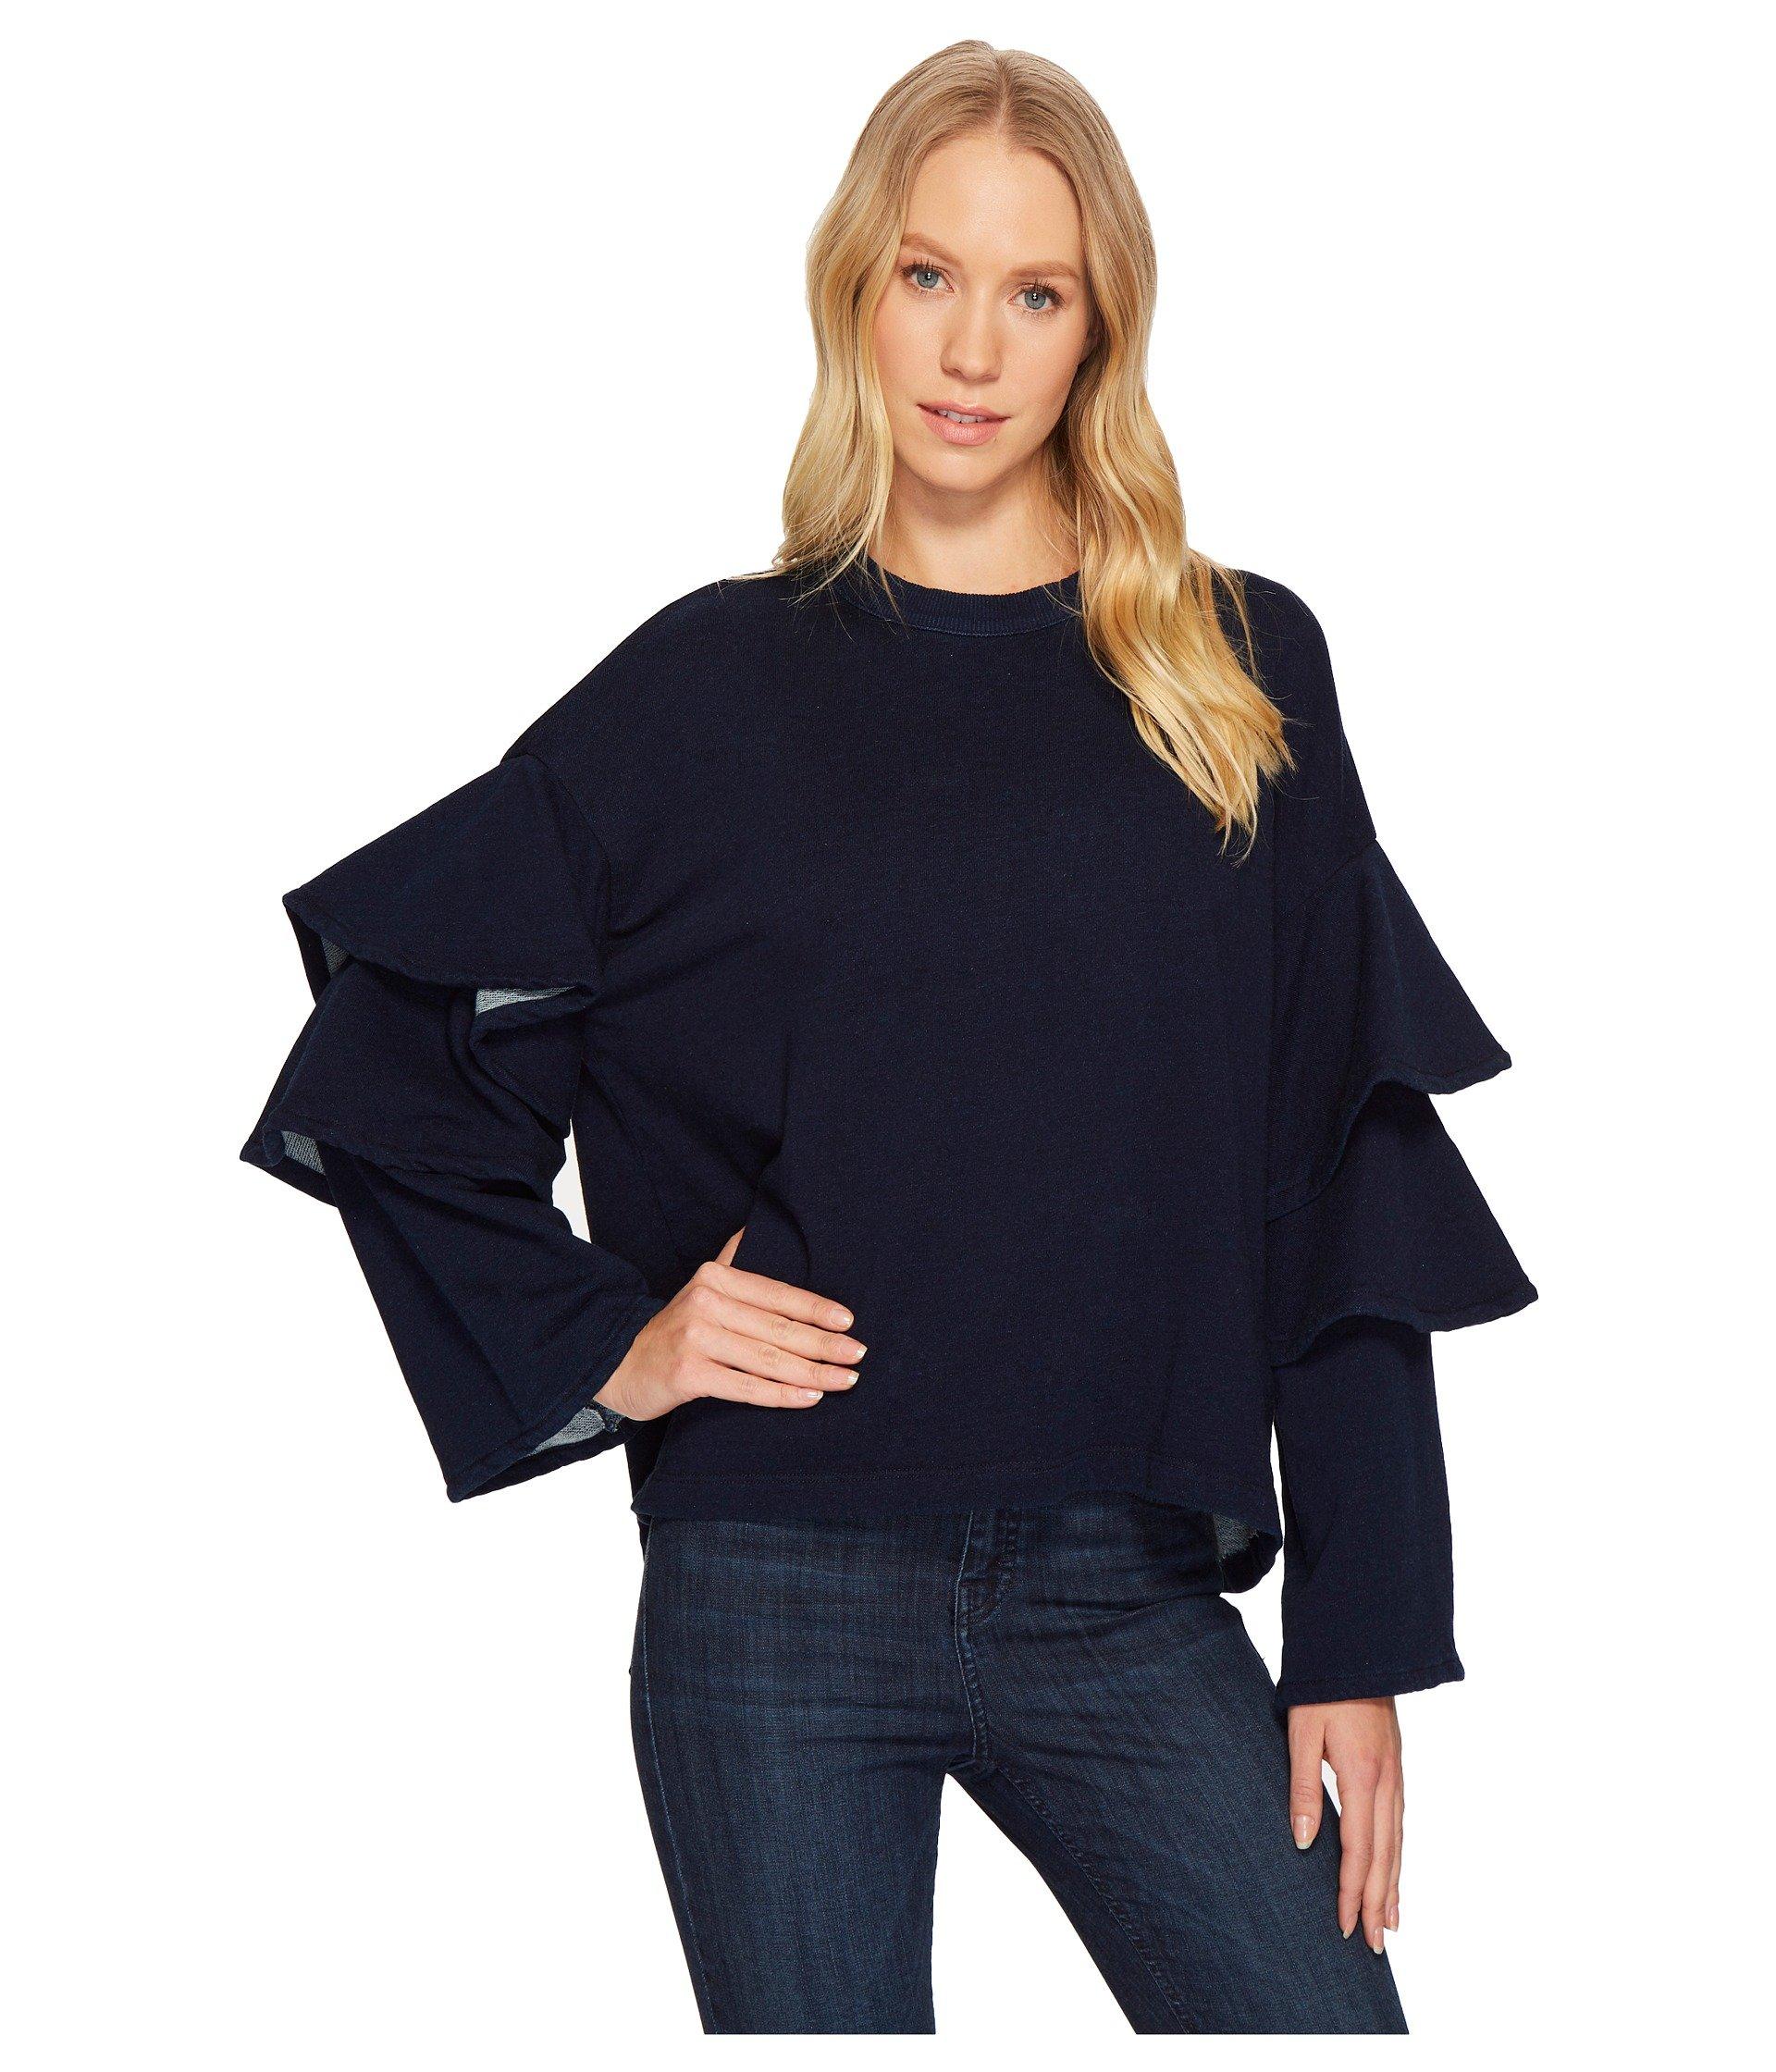 Pearl Ruffle Sweatshirt